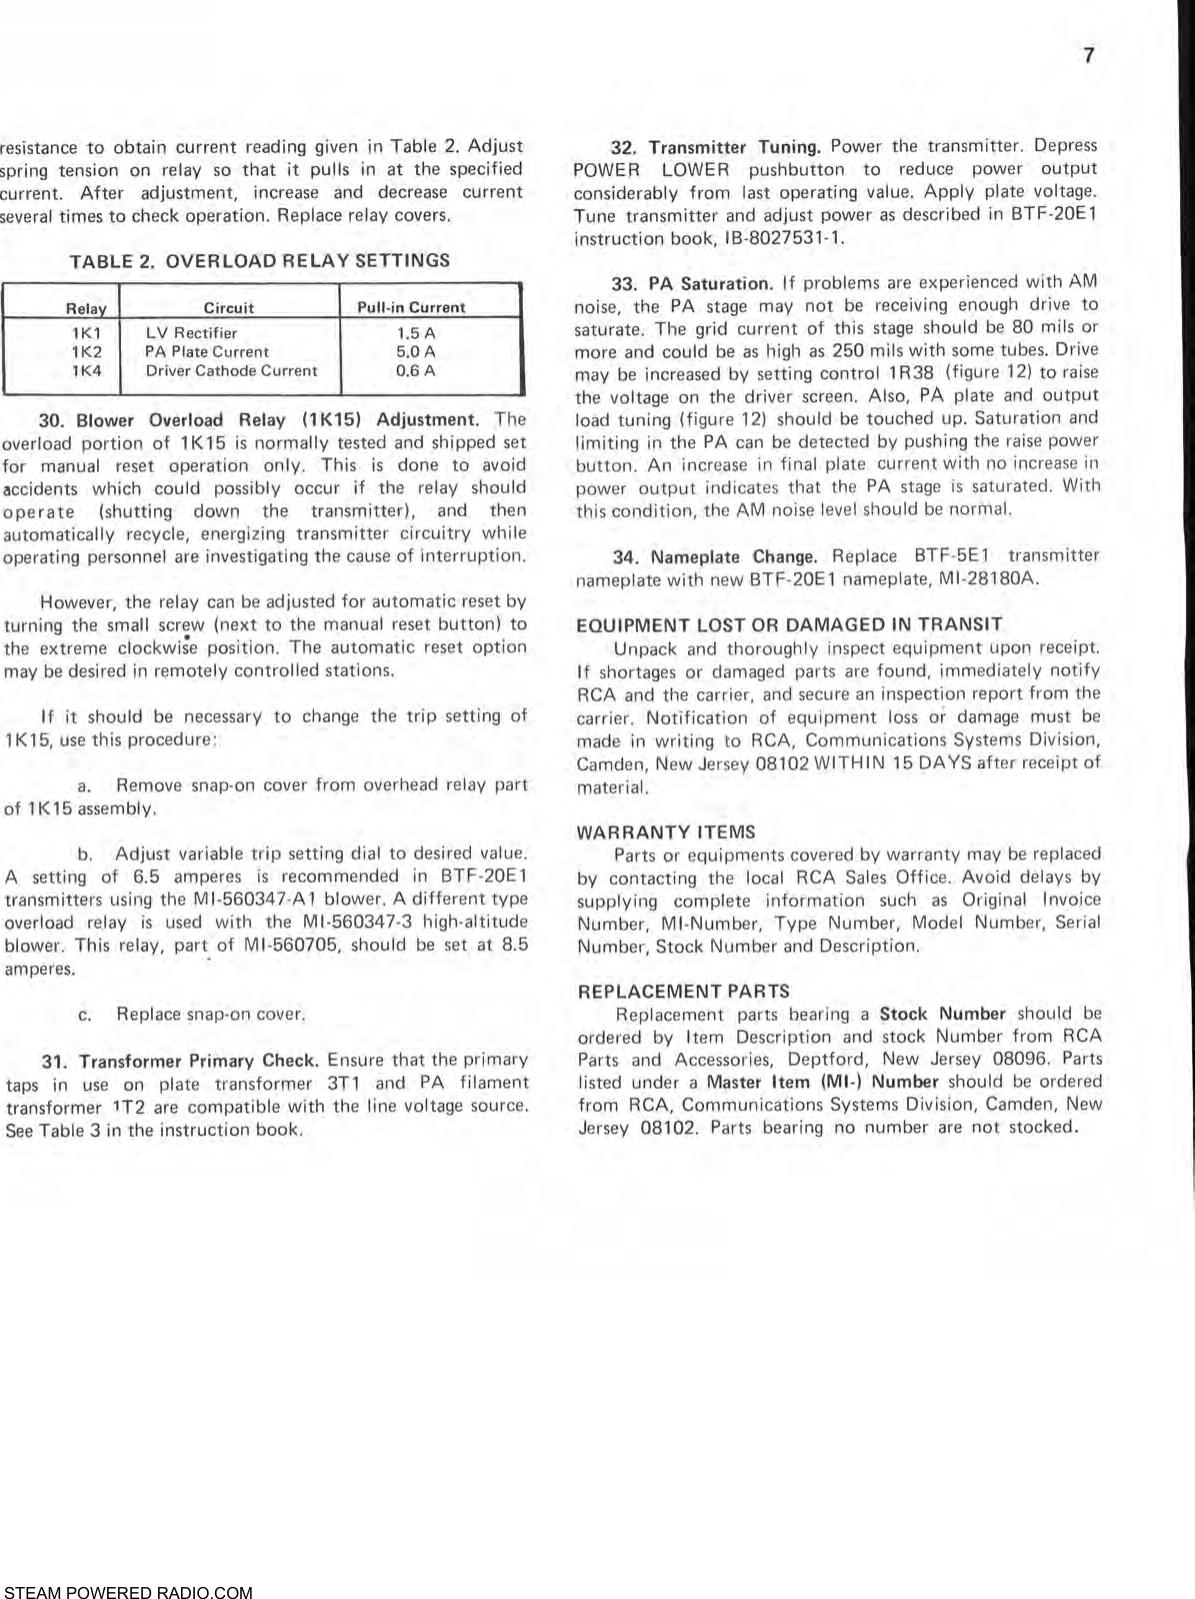 RCA BTF 5E1 To 20E1 FM Transmitter Power Conversion Kit Manual 2